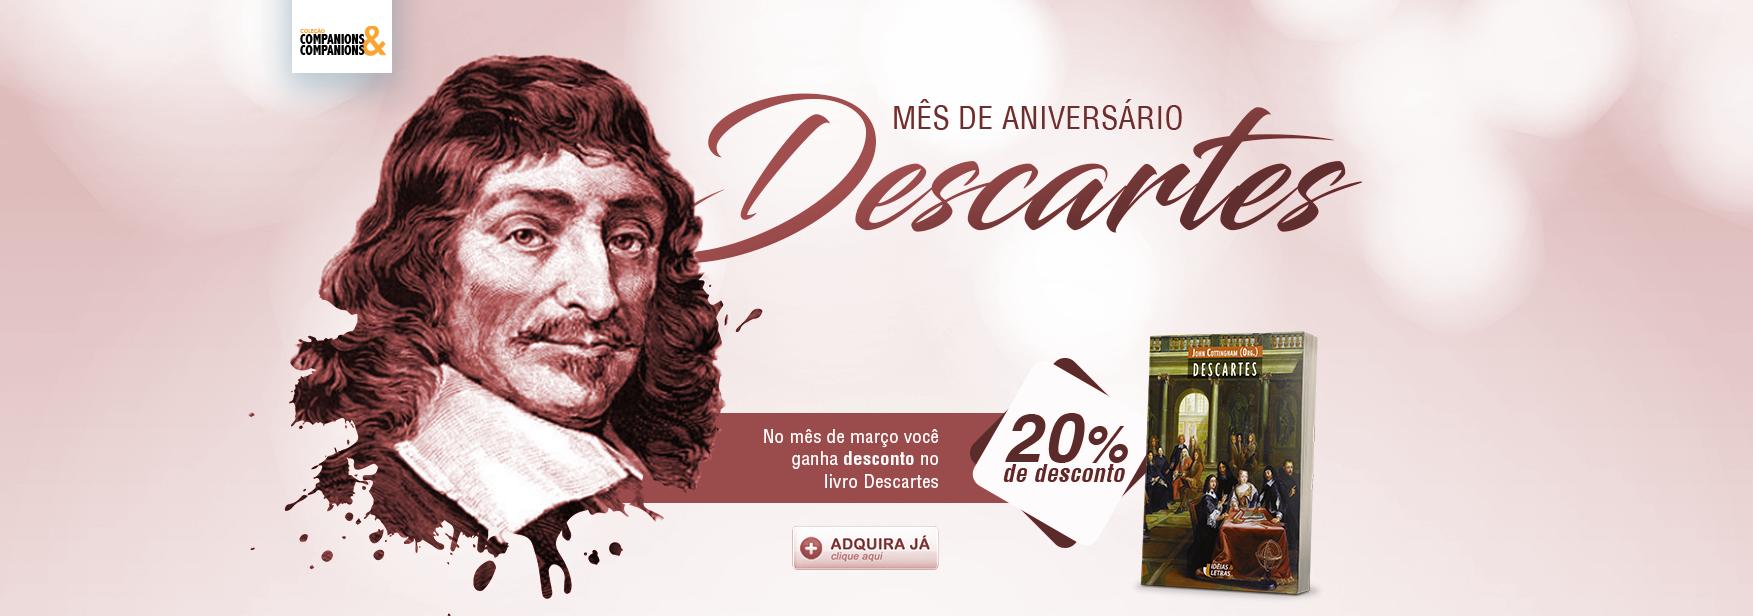 Banner - aniversário Descartes